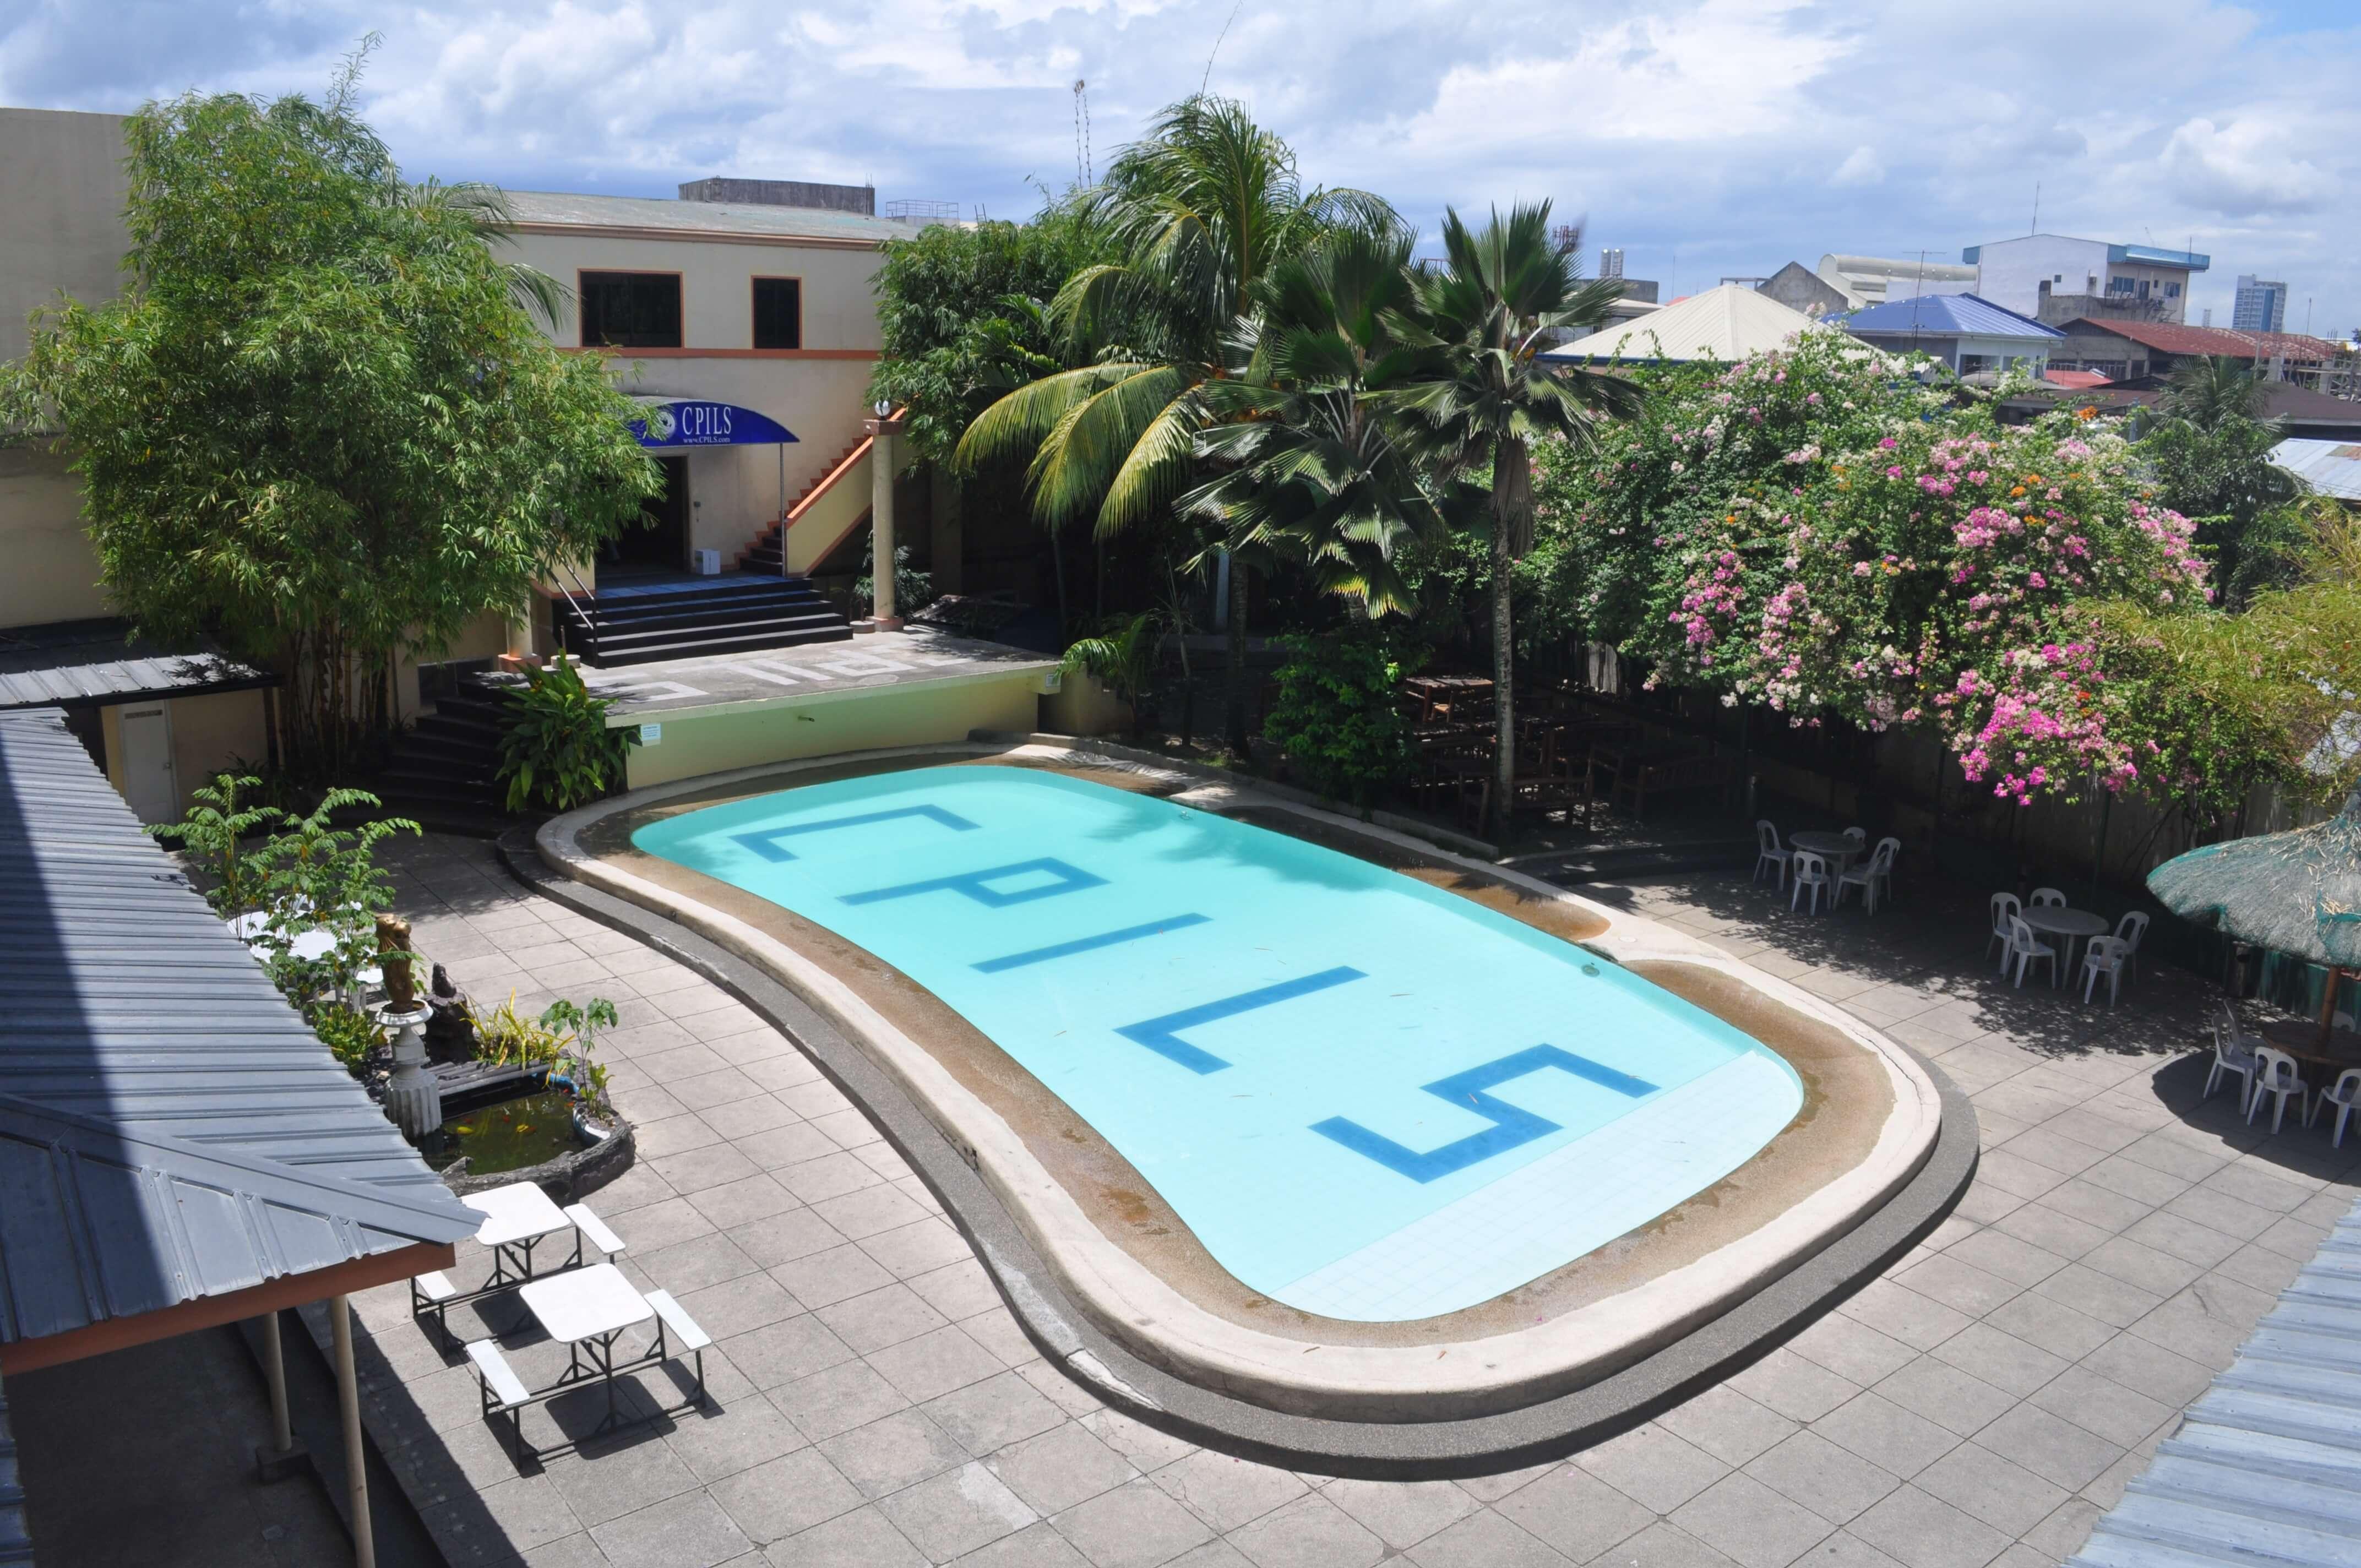 CPILS泳池